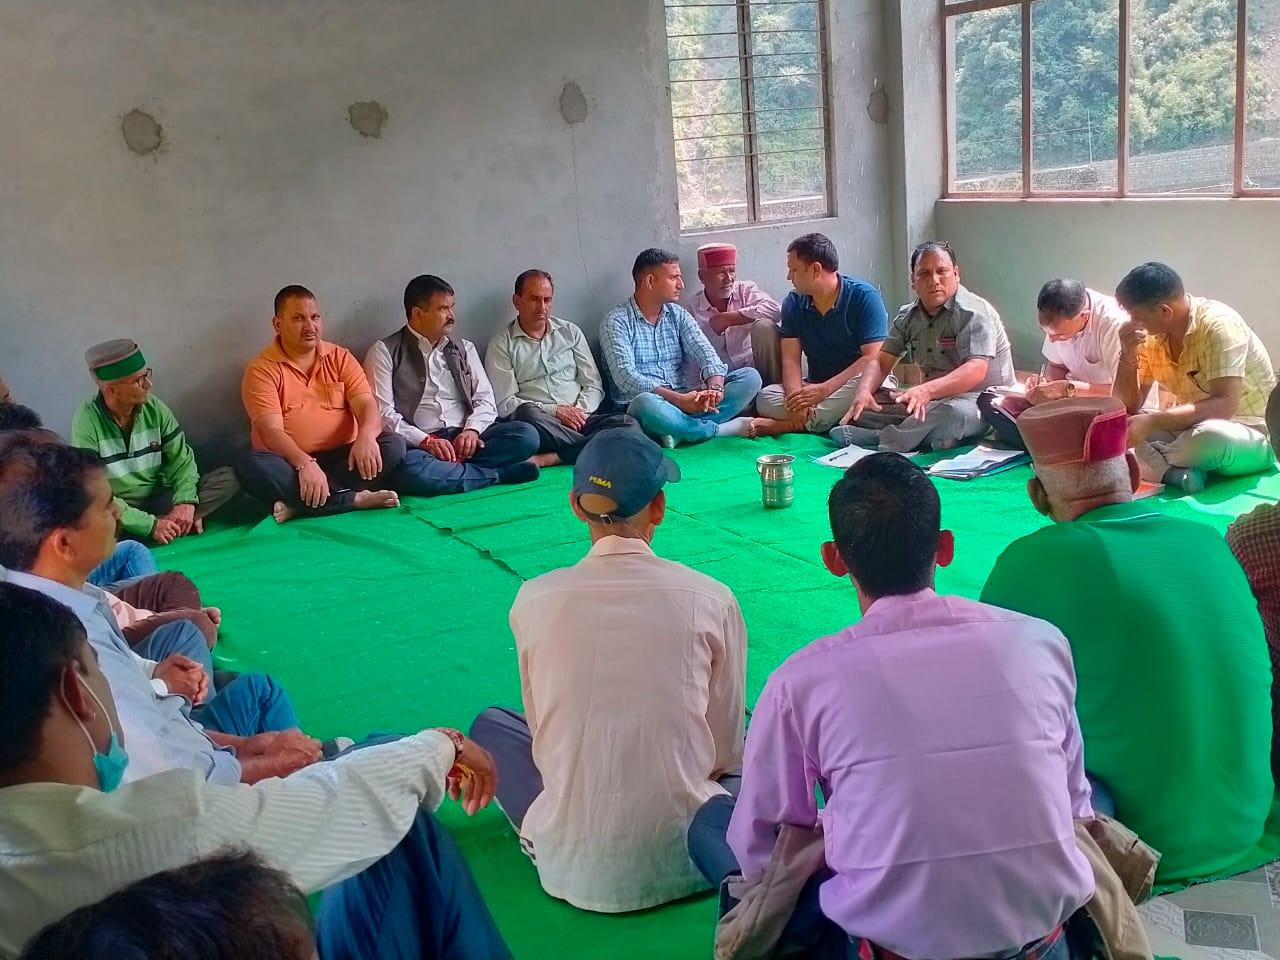 उत्तराखंड भद्रकाली मंदिर देवीकोल बैठक: आज भद्रकाली मंदिर देवीकोल की समिति की बैठक में निर्णय , 7 अक्टूबर से 11 अक्टूबर तक भव्य पूजन होगा